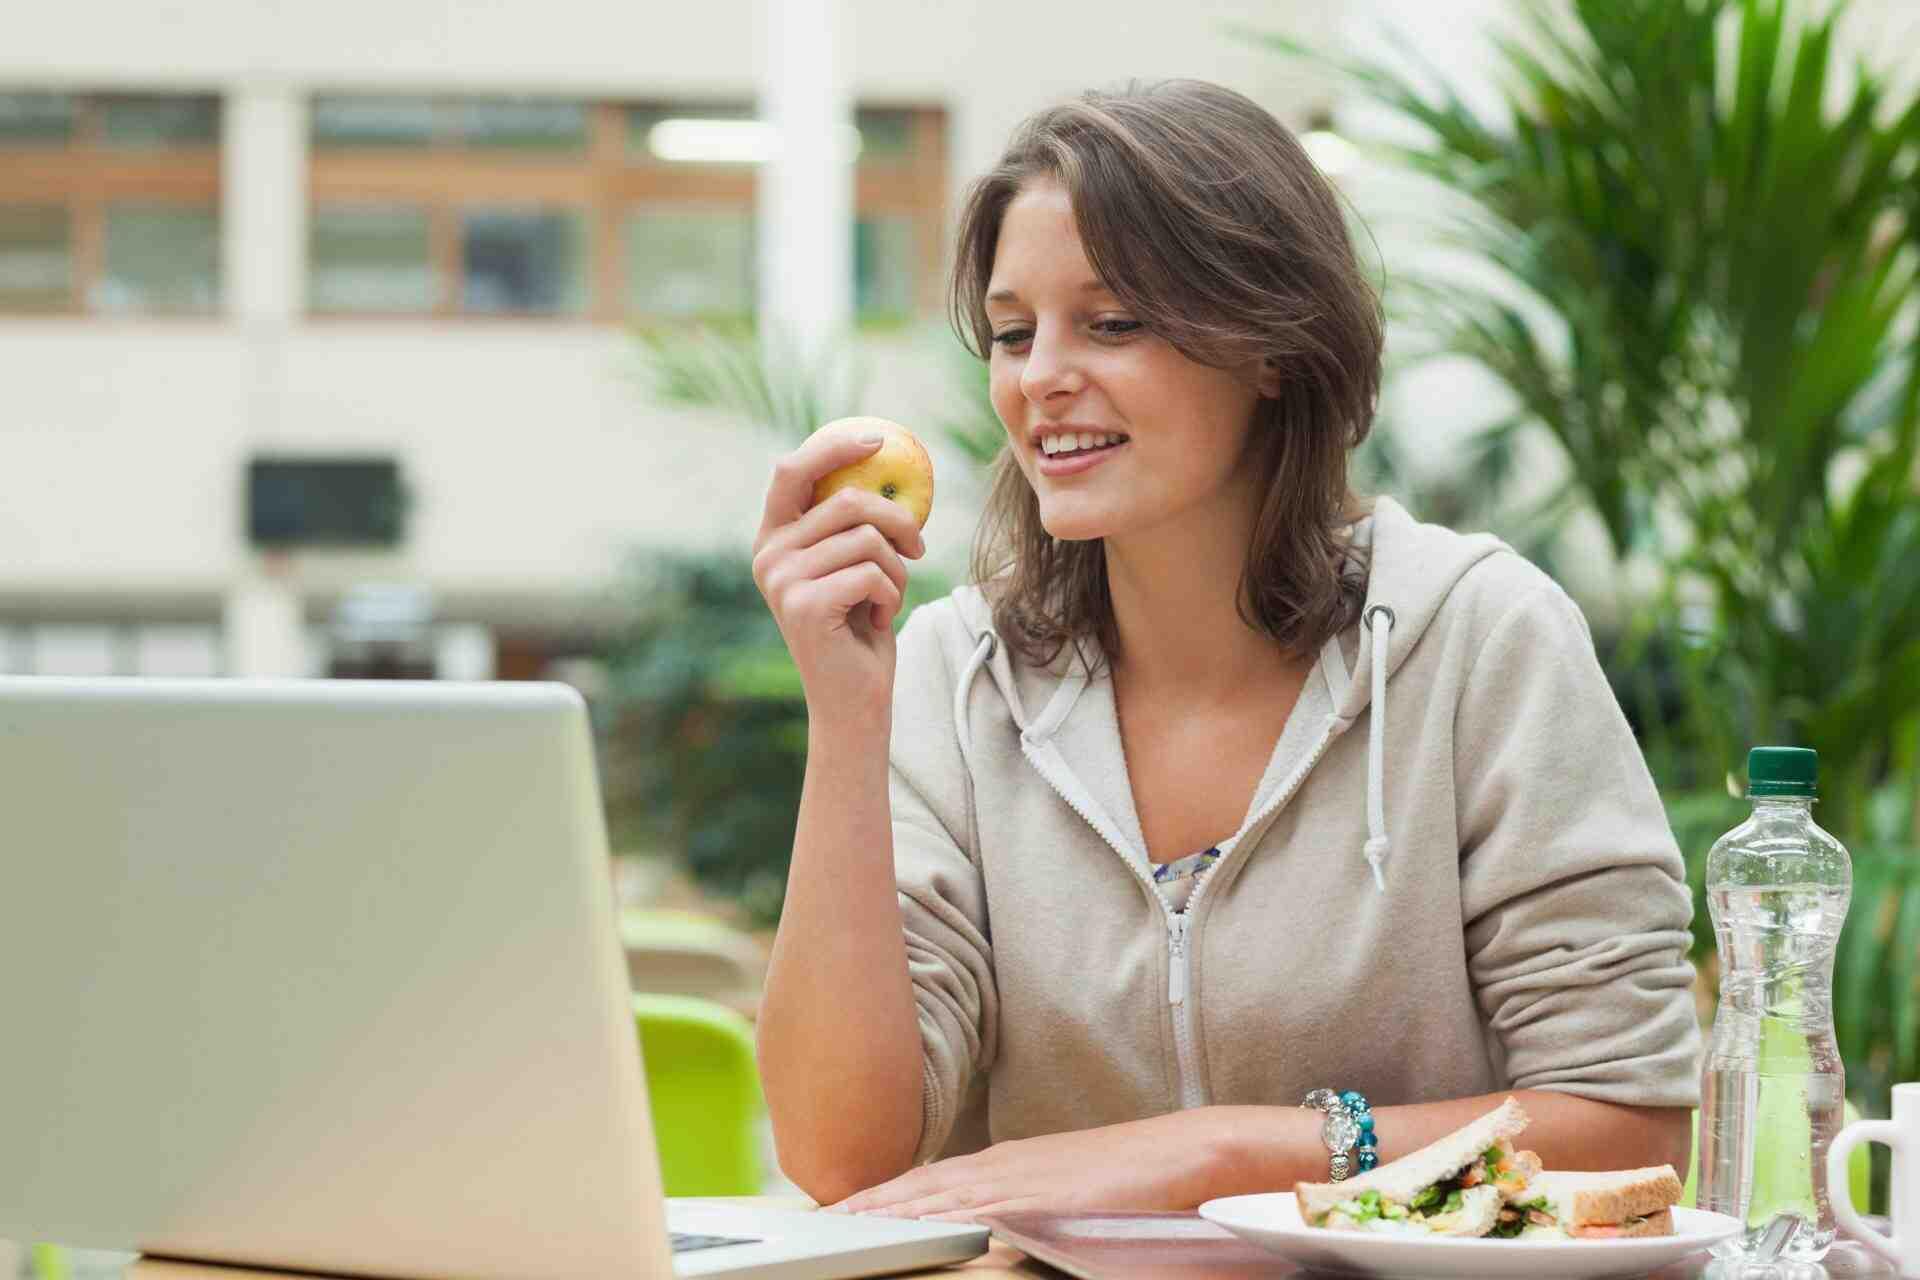 Quel est le meilleur coupe-faim pour perdre du poids?